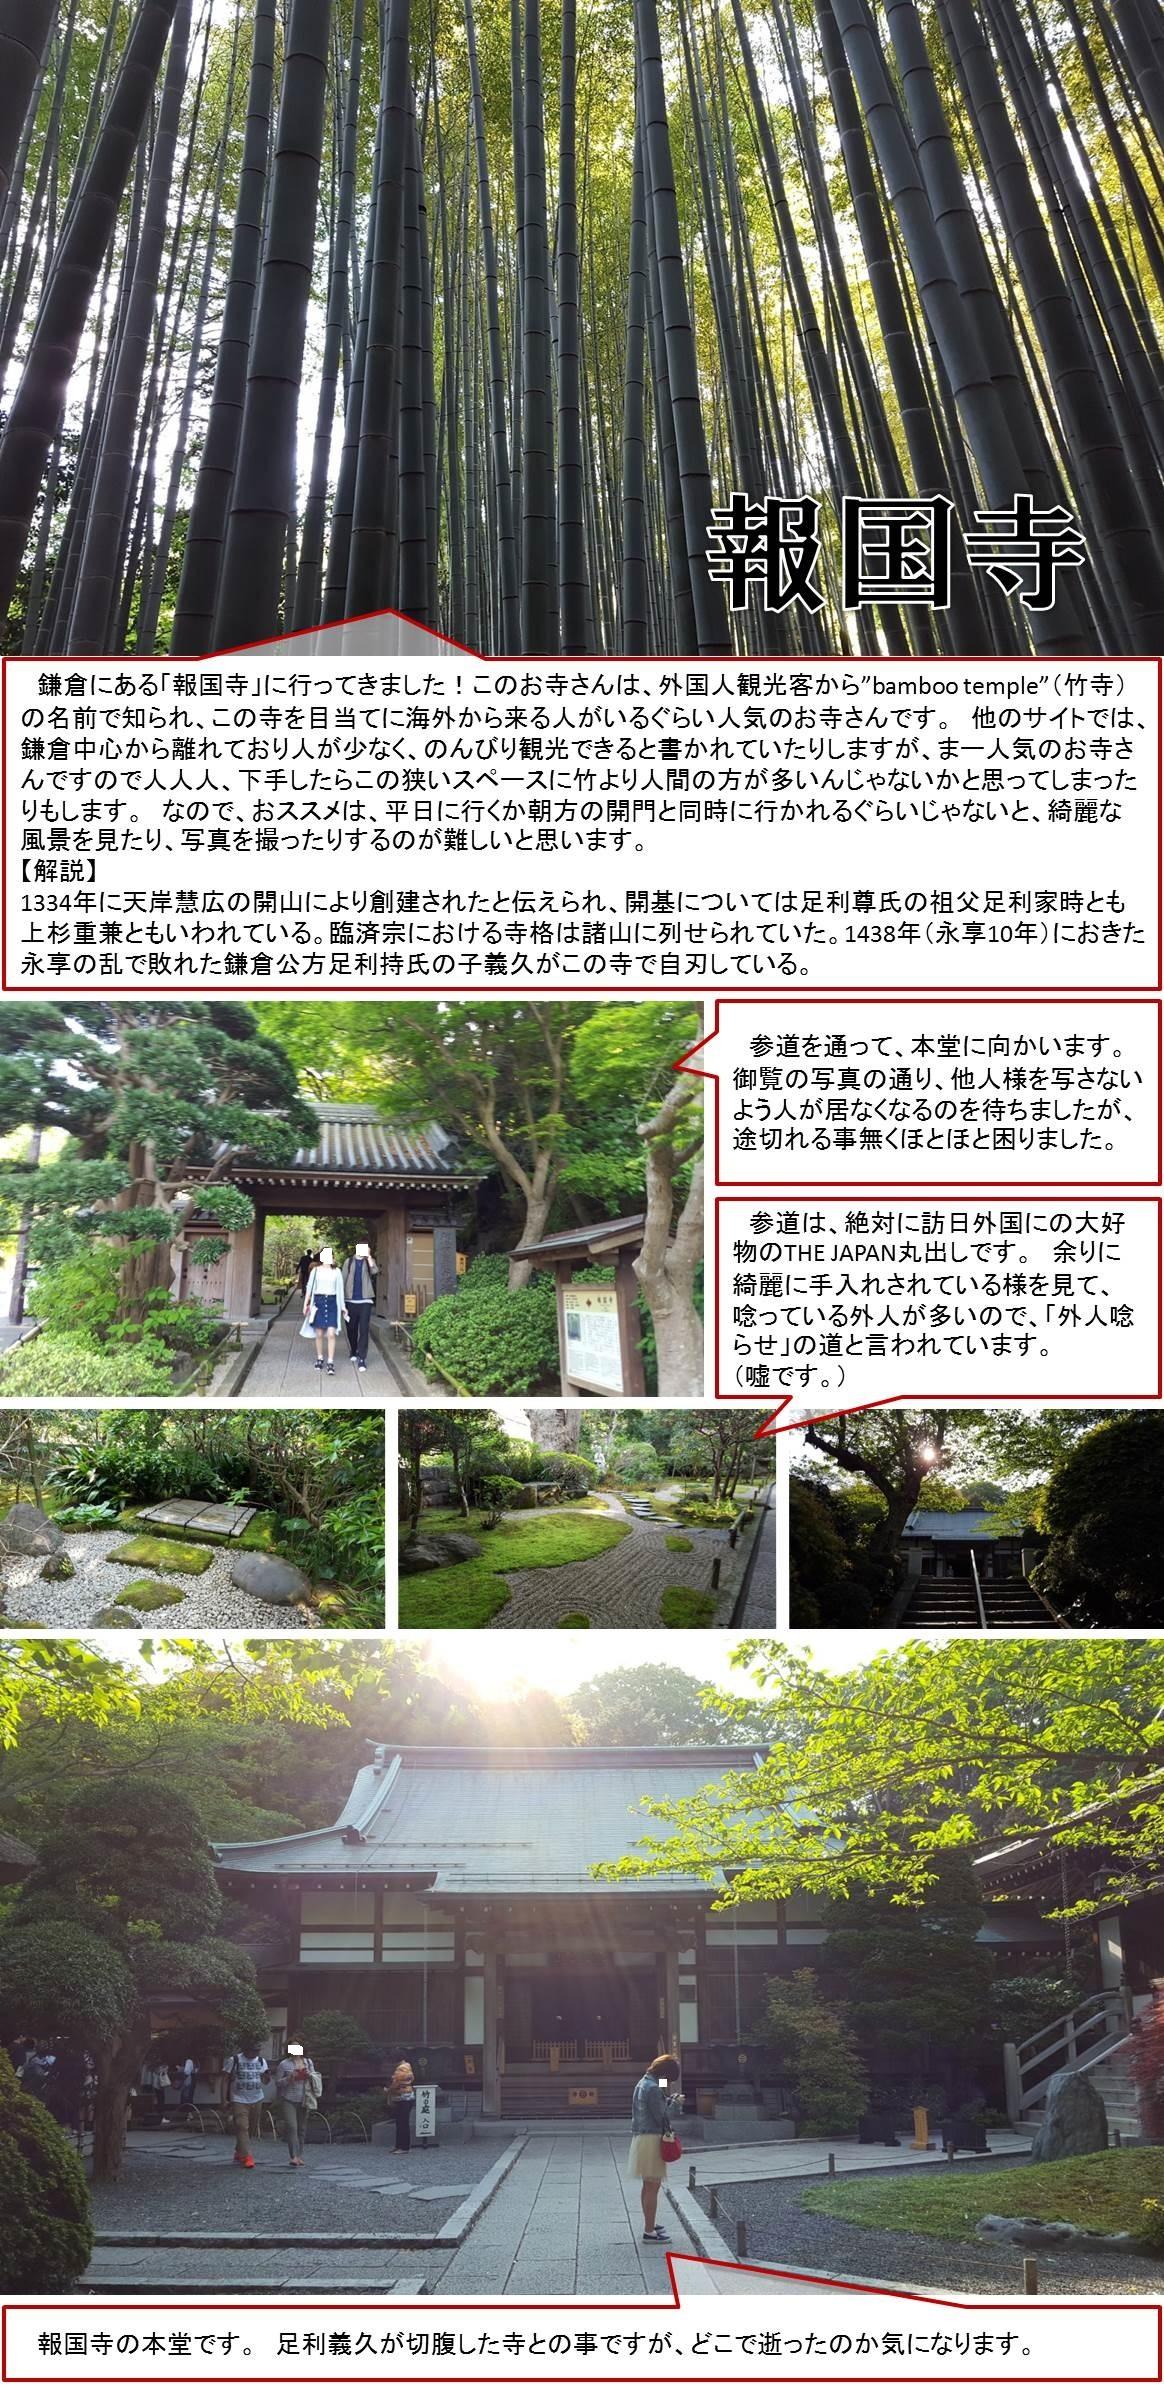 """鎌倉にある「報国寺」に行ってきました!このお寺さんは、外国人観光客から""""bamboo temple""""(竹寺)の名前で知られ、この寺を目当てに海外から来る人がいるぐらい人気のお寺さんです。 他のサイトでは、鎌倉中心から離れており人が少なく、のんびり観光できると書かれていたりしますが、まー人気のお寺さんですので人人人、下手したらこの狭いスペースに竹より人間の方が多いんじゃないかと思ってしまったりもします。 なので、おススメは、平日に行くか朝方の開門と同時に行かれるぐらいじゃないと、綺麗な風景を見たり、写真を撮ったりするのが難しいと思います。  【解説】  1334年に天岸慧広の開山により創建されたと伝えられ、開基については足利尊氏の祖父足利家時とも上杉重兼ともいわれている。臨済宗における寺格は諸山に列せられていた。1438年(永享10年)におきた永享の乱で敗れた鎌倉公方足利持氏の子義久がこの寺で自刃している。   参道を通って、本堂に向かいます。  御覧の写真の通り、他人様を写さないよう人が居なくなるのを待ちましたが、途切れる事無くほとほと困りました。 参道は、絶対に訪日外国にの大好物のTHE JAPAN丸出しです。 余りに綺麗に手入れされている様を見て、唸っている外人が多いので、「外人唸らせ」の道と言われています。  (嘘です。) 報国寺の本堂です。 足利義久が切腹した寺との事ですが、どこで逝ったのか気になります。"""